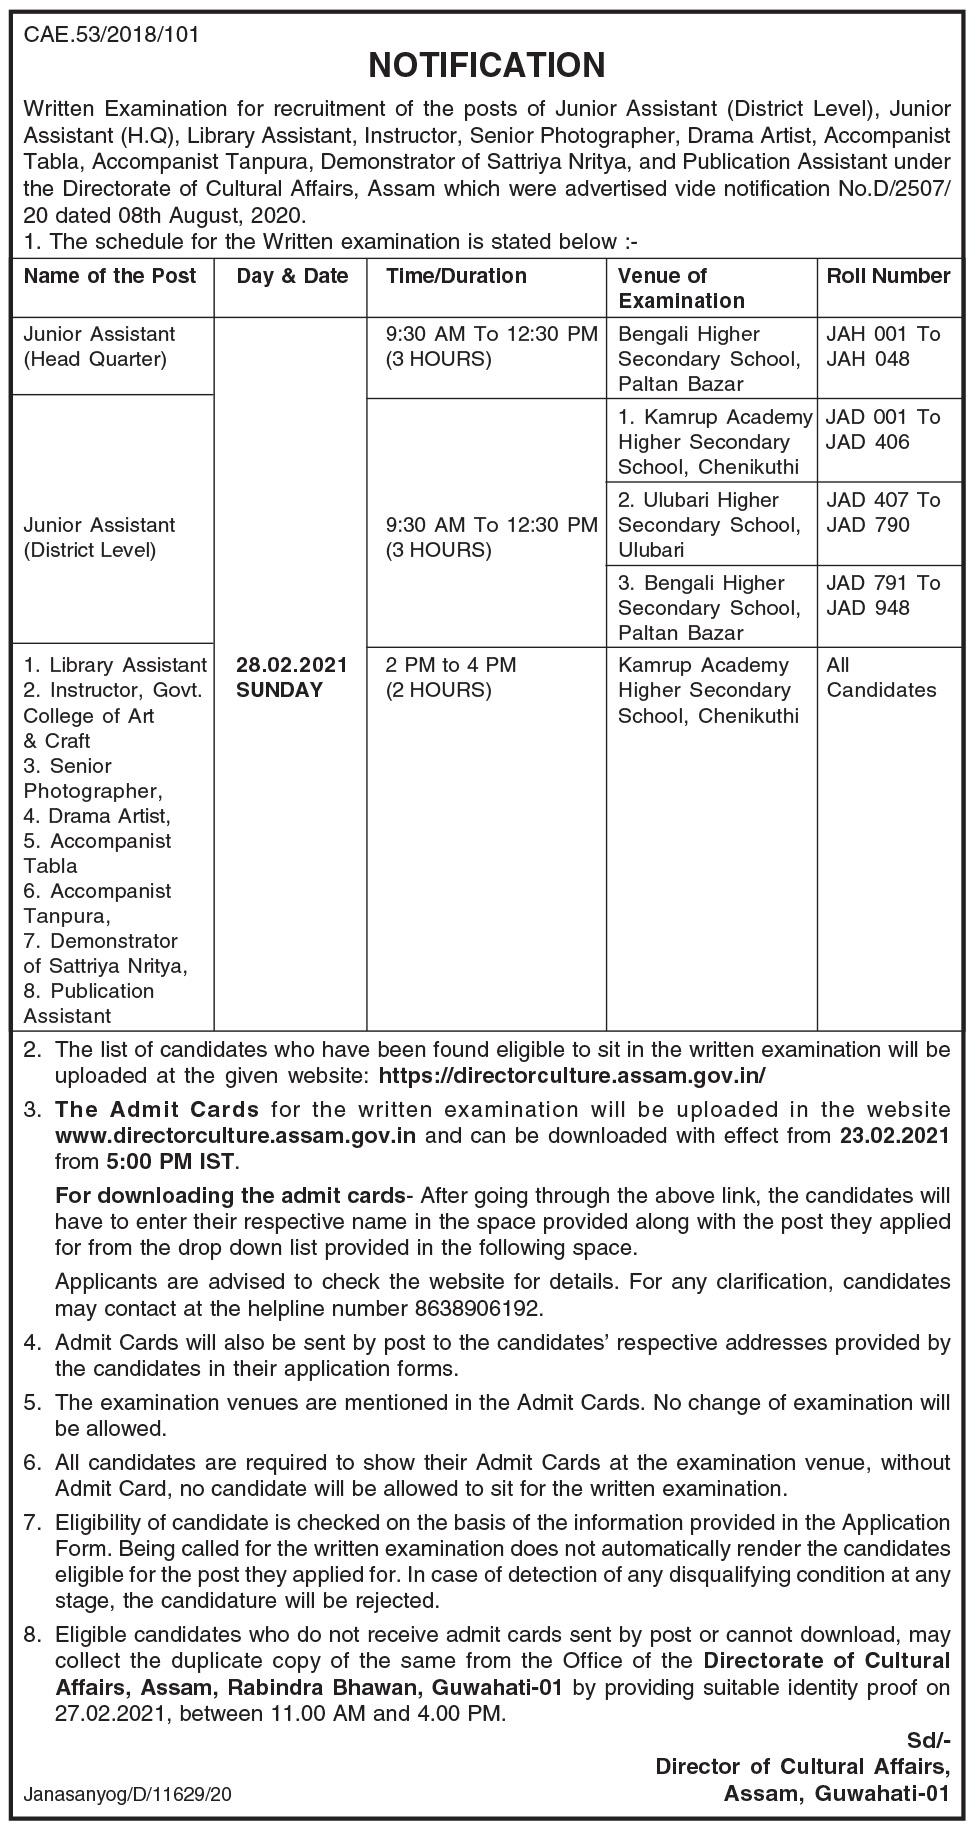 Directorate Of Cultural Affairs, Assam Admit Card 2021 - Exam Date-28/02/2021